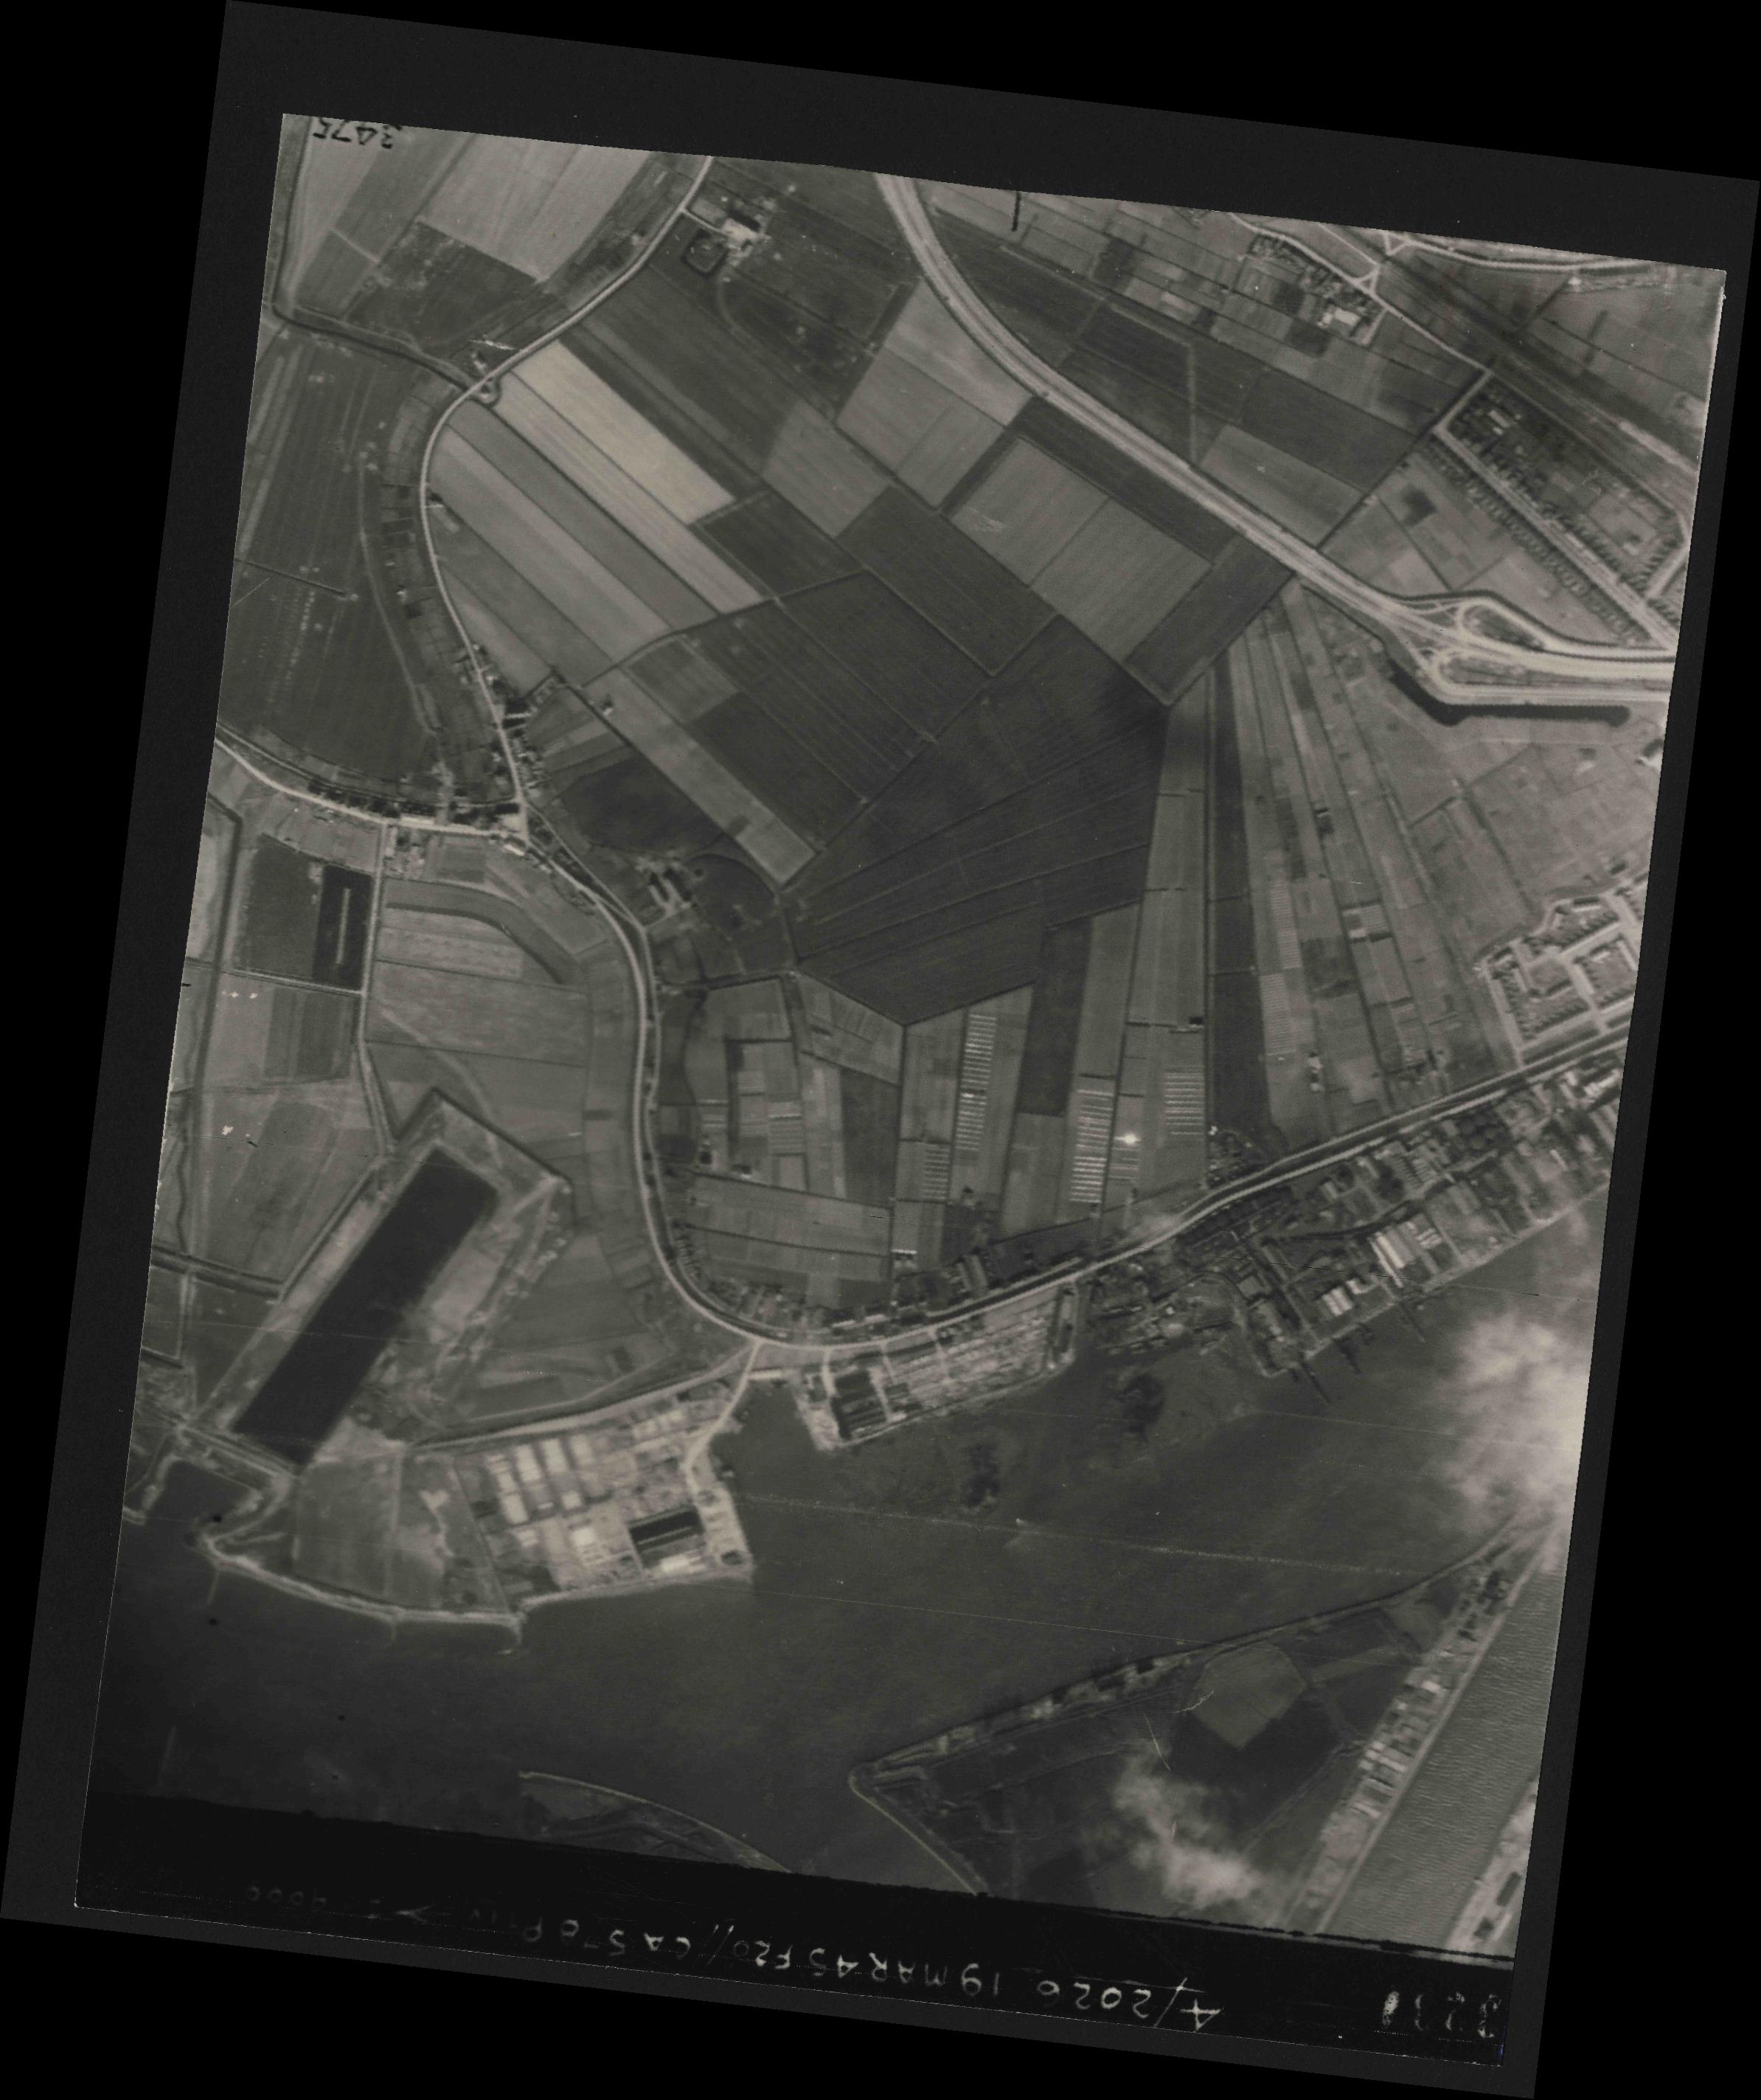 Collection RAF aerial photos 1940-1945 - flight 012, run 08, photo 3234